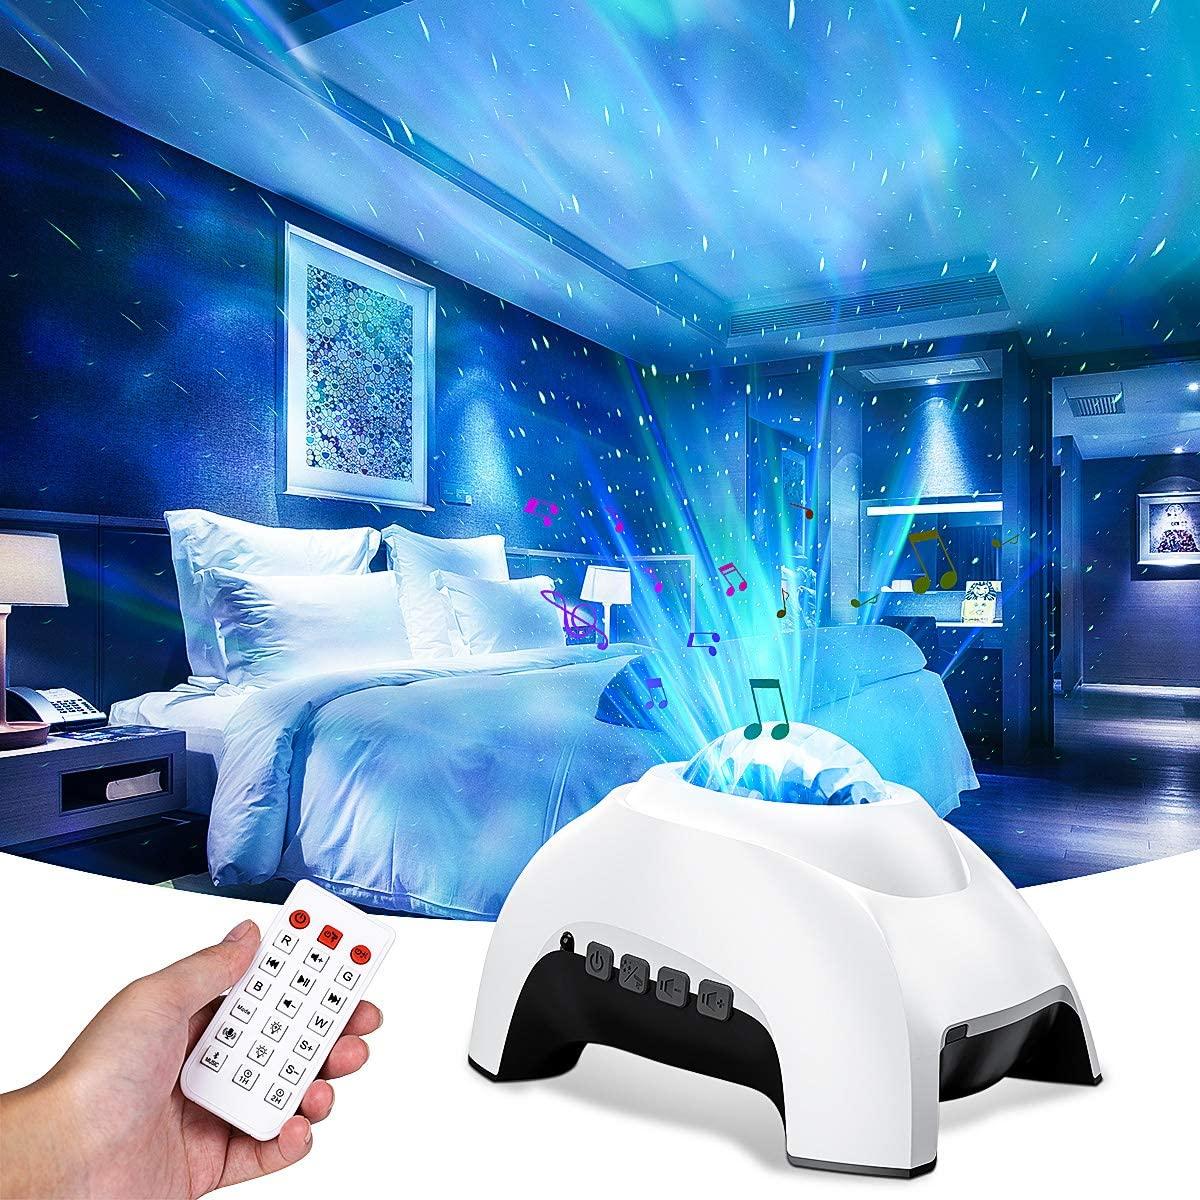 Проектор Северное освещение Аврора галактика Звездный проектор Bluetooth музыкальная Колонка белый шум ночник Аврора лампа Декор для детей